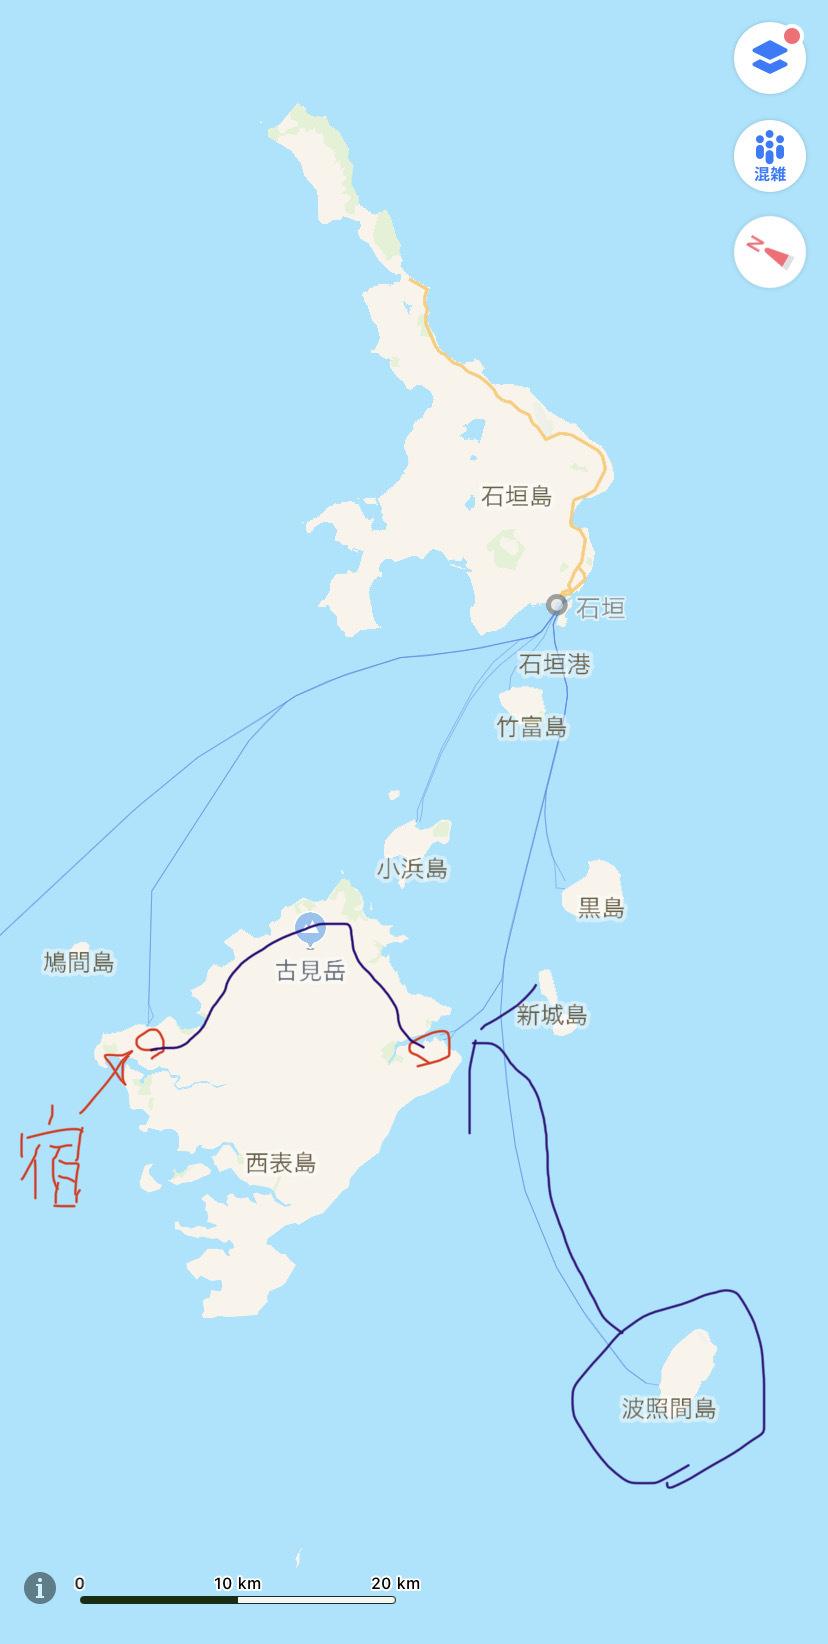 日本南端、波照間、西表島サンセットライブツアー【5:西表島】_e0071652_12480272.jpeg